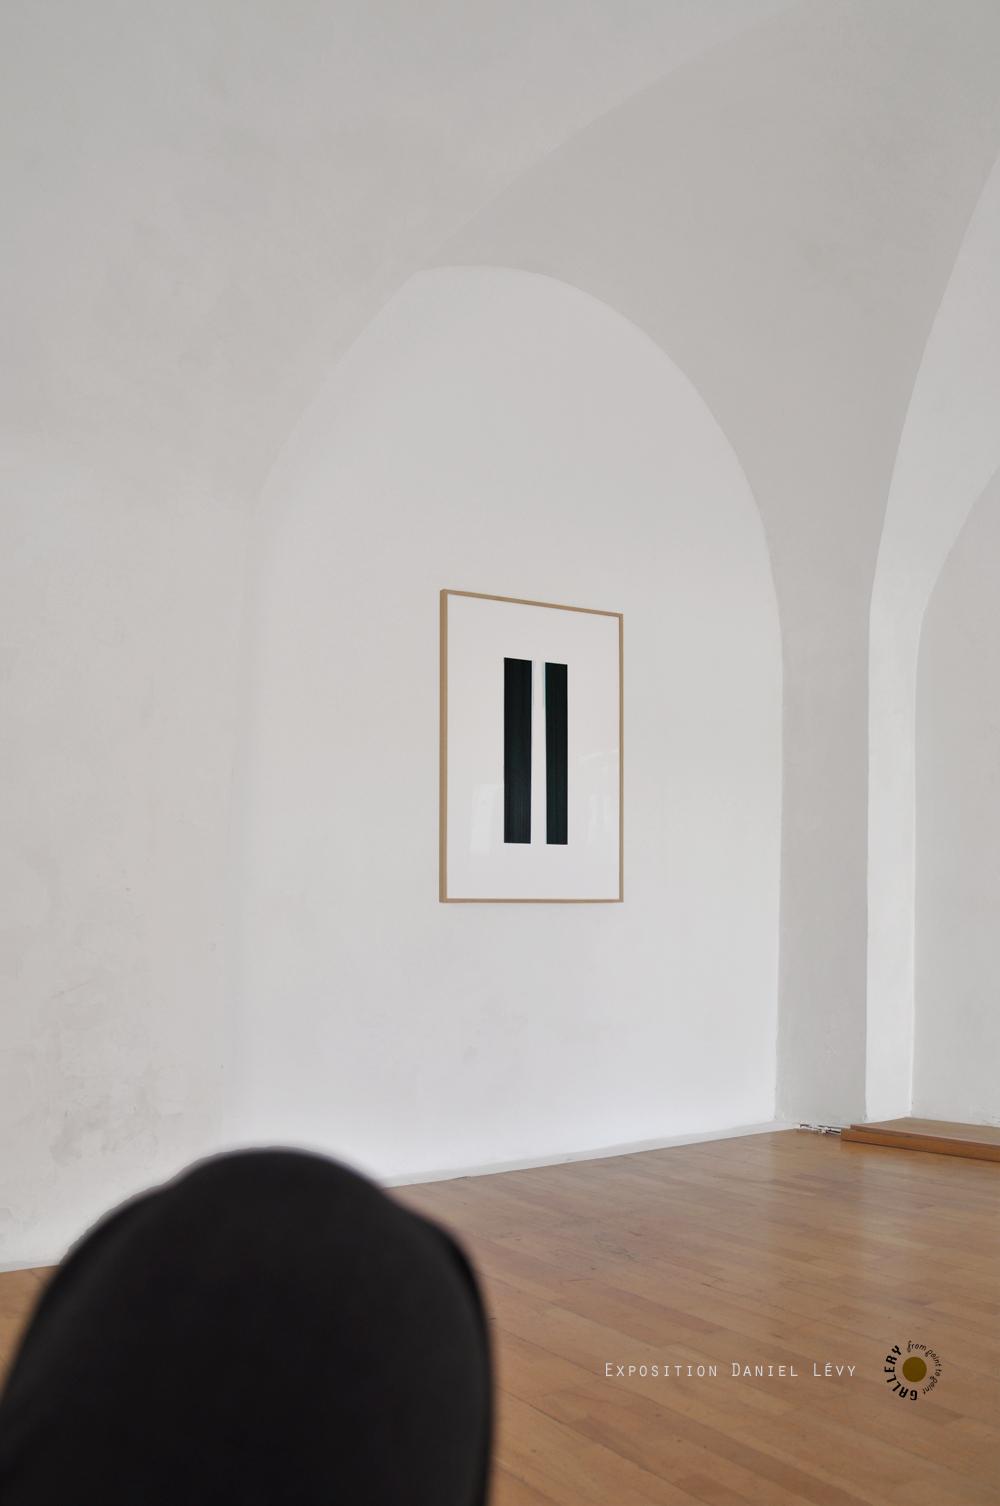 Daniel-Levy-Peinture-Masse-Sequence-Point-to-Point-Studio.jpg